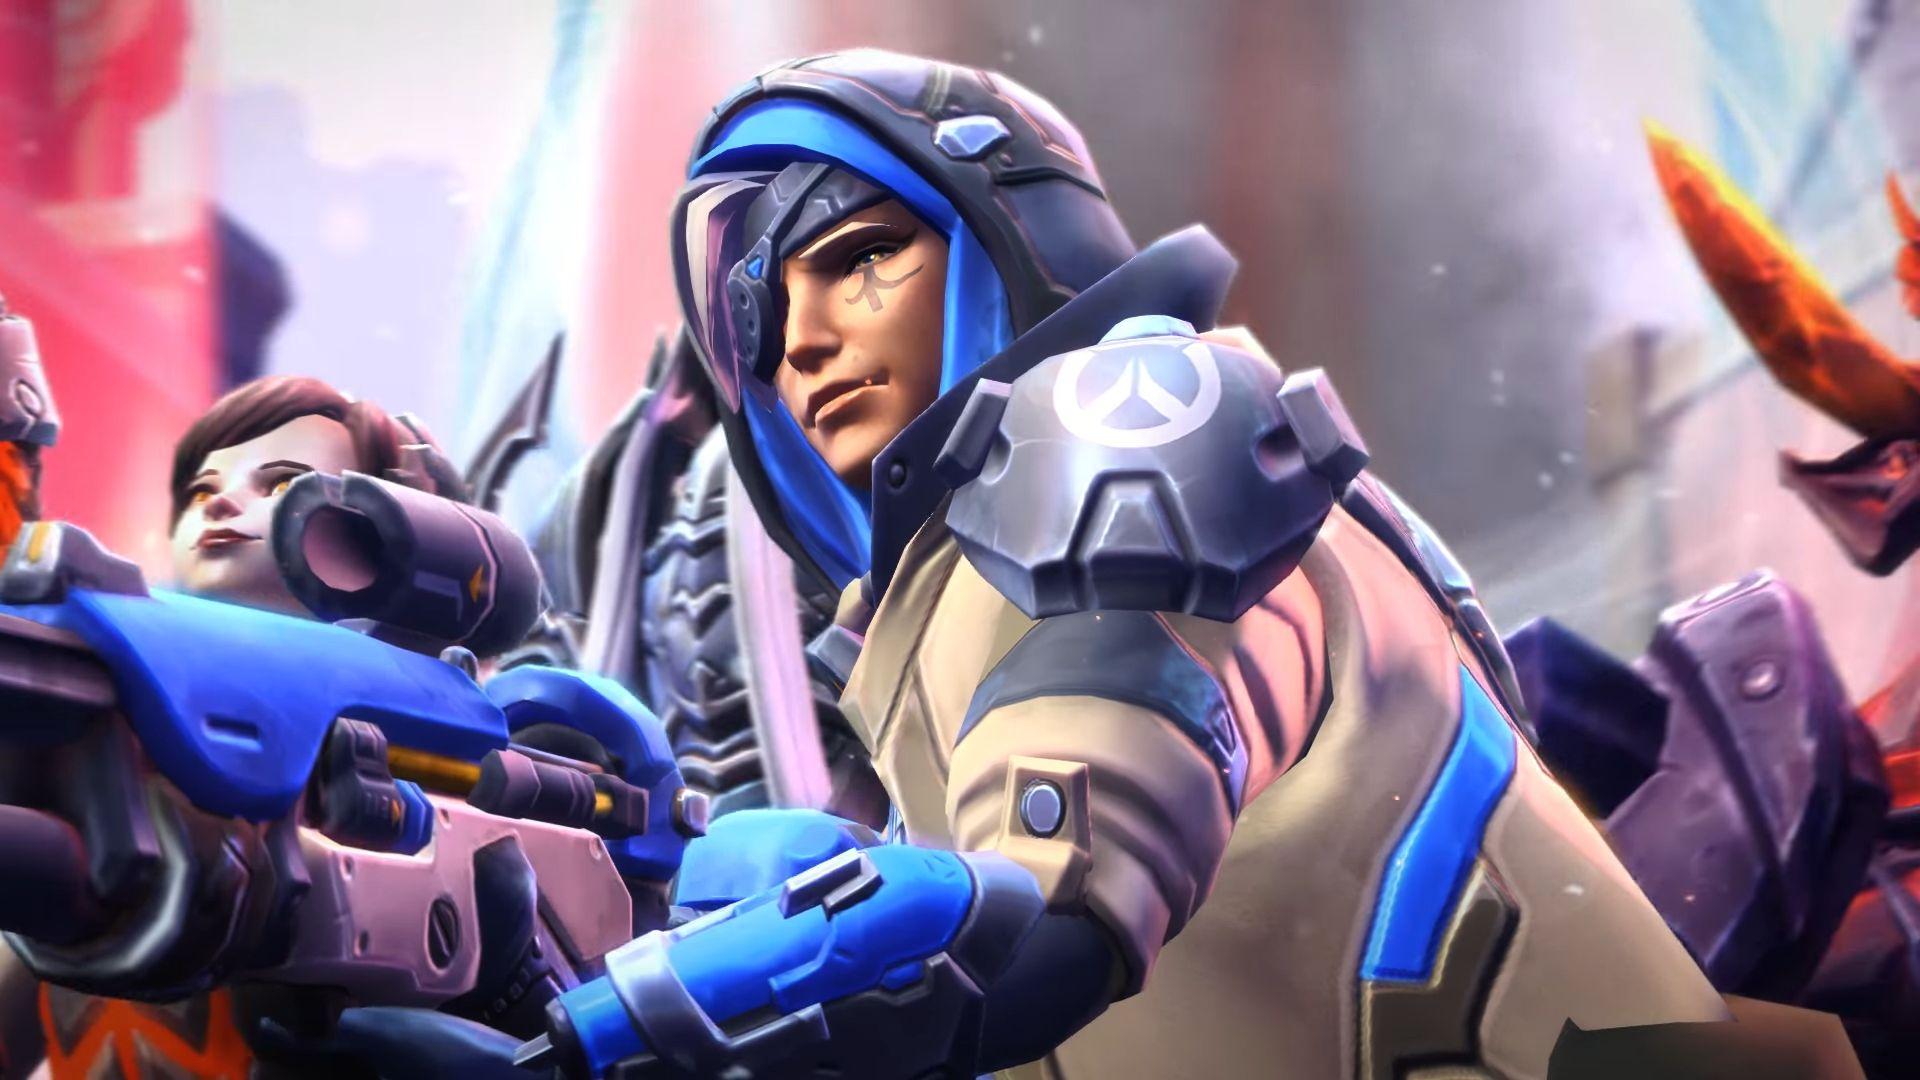 Overwatch-Helden Ana & Junkrat kommen zu Heroes of the Storm